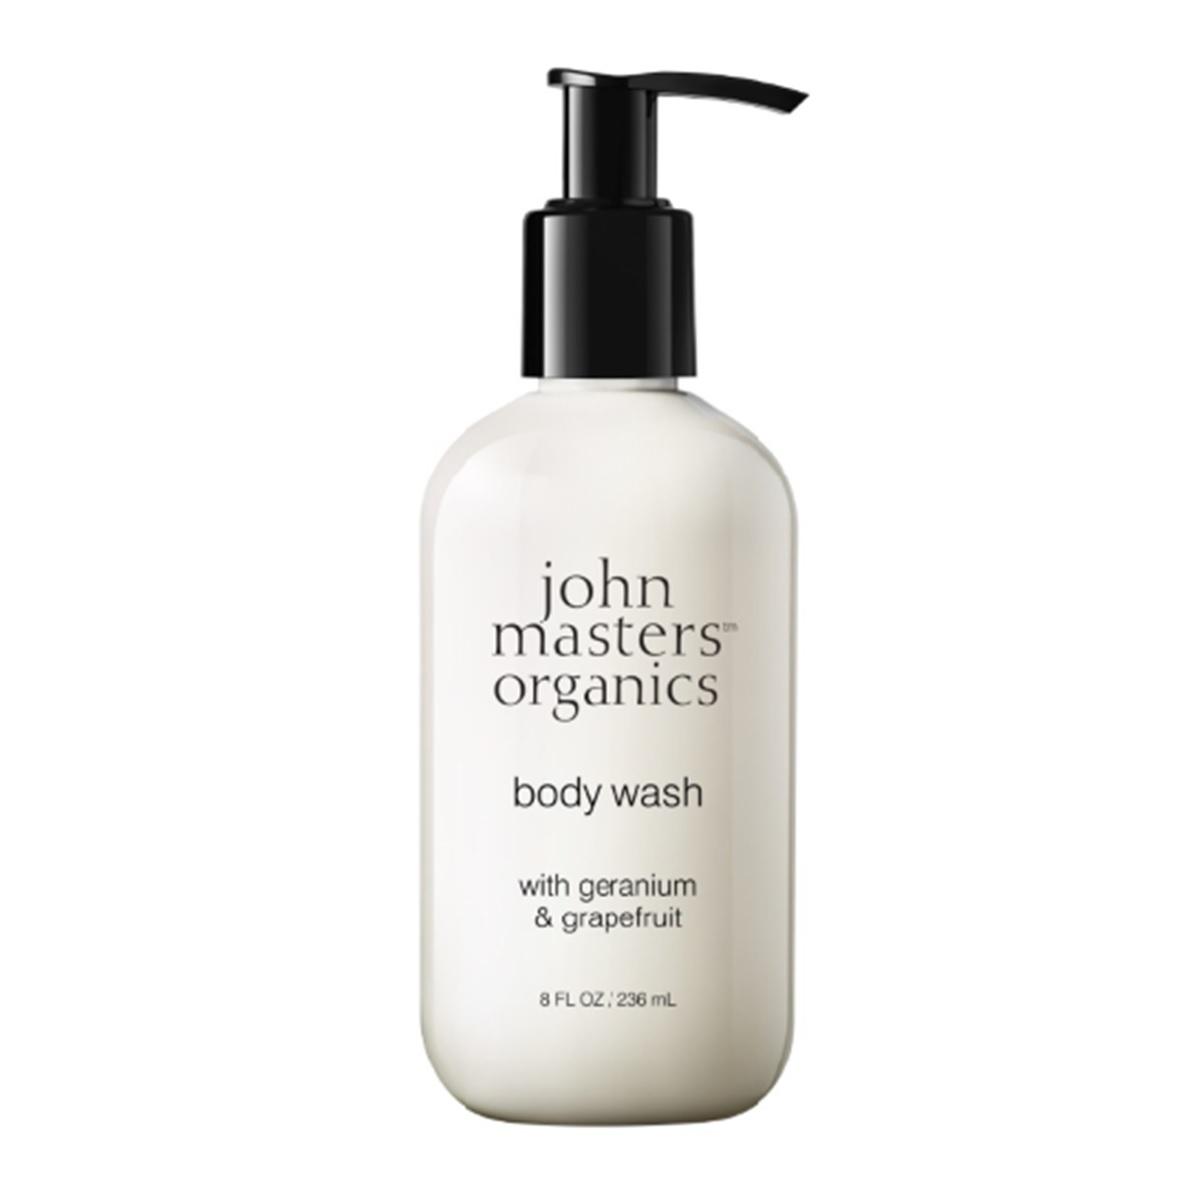 john masters organics(ジョンマスターオーガニック)『G&Gボディウォッシュ N』をレポ!に関する画像4